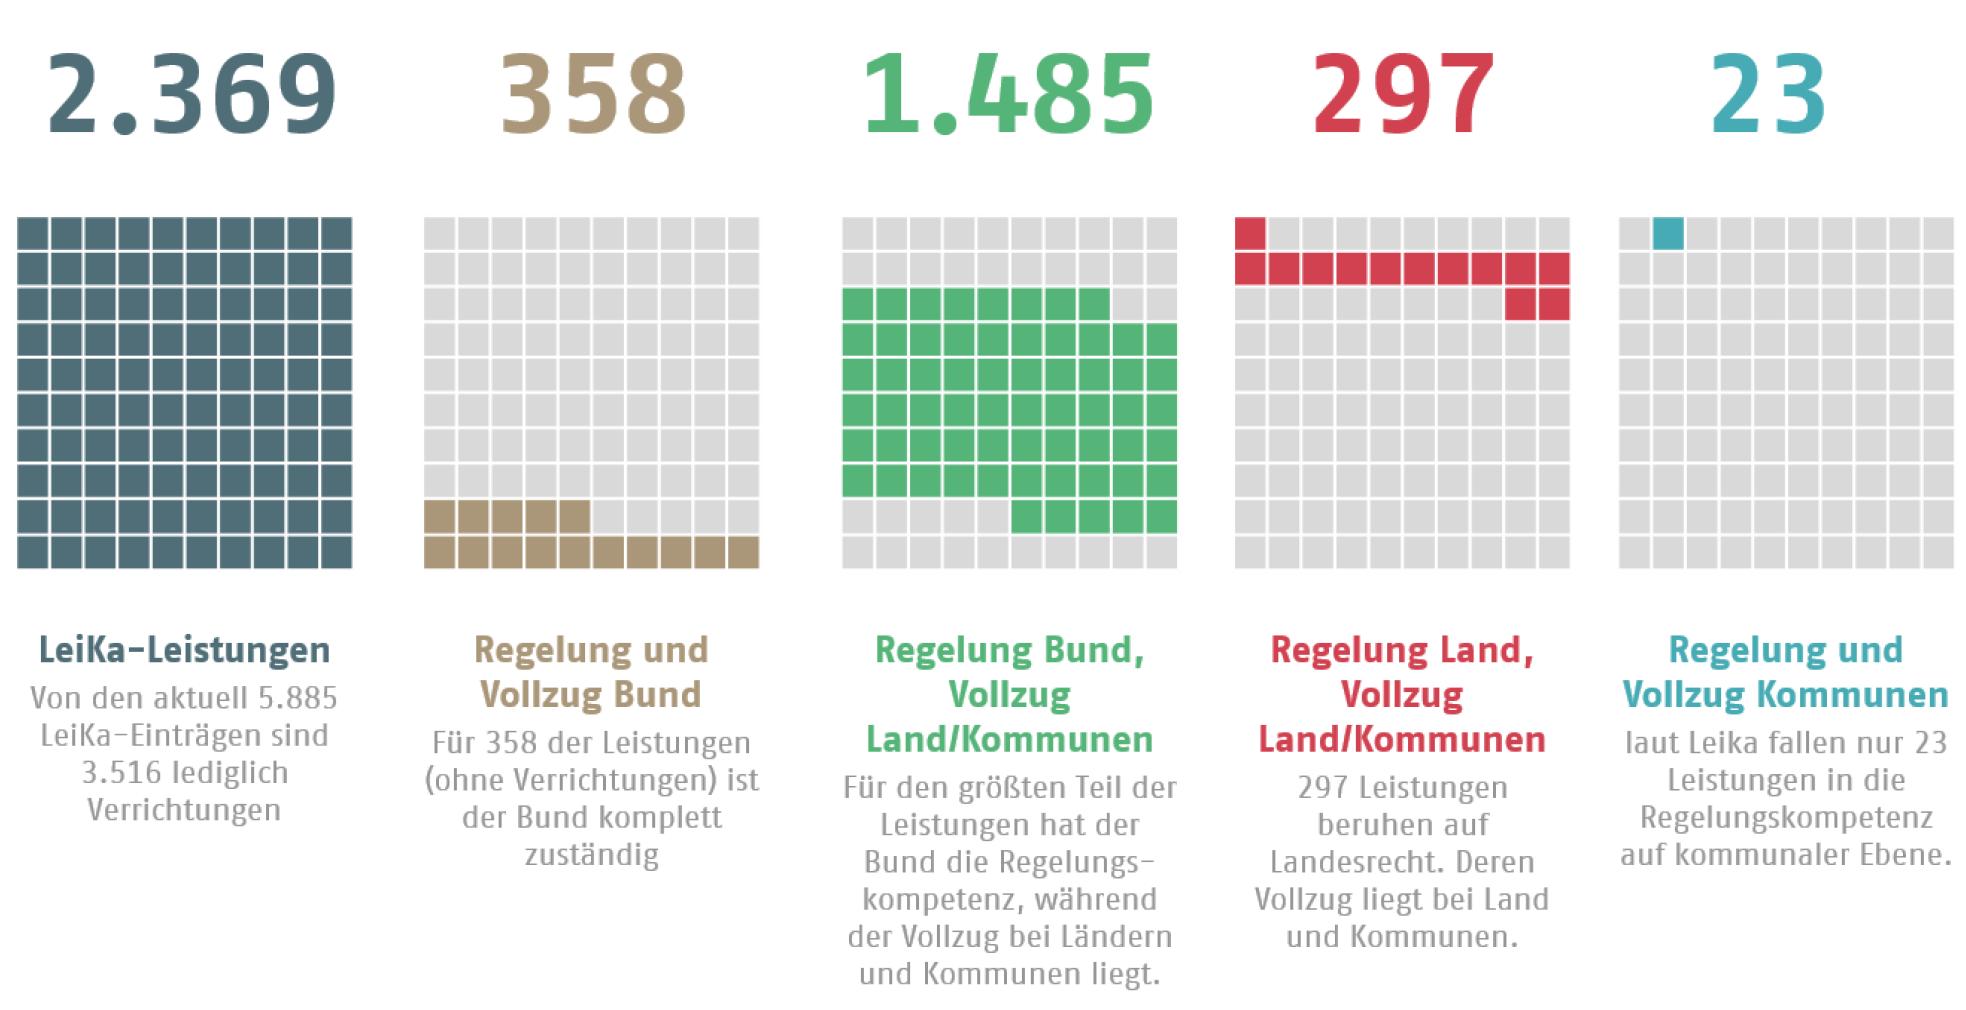 Abbildung 2: Verteilung der Leika-Leistungen